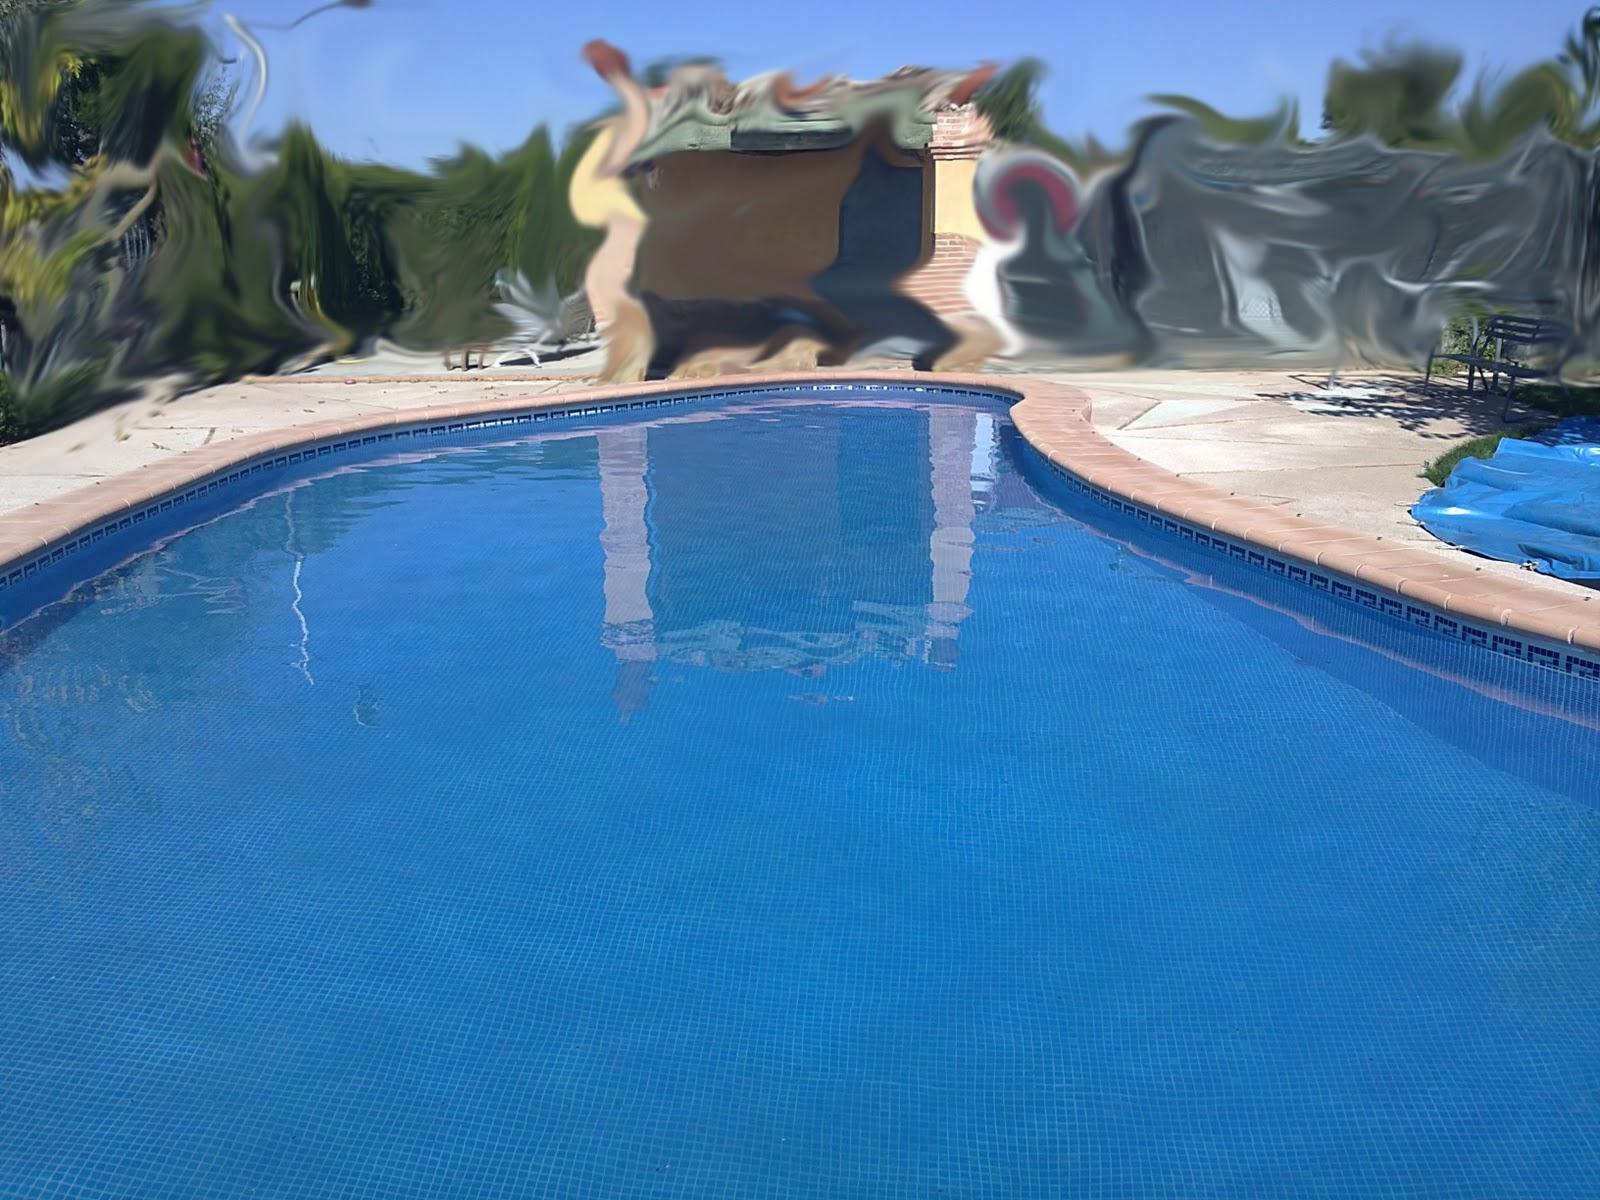 Mantenimientos pastor piscina en forma de ri on for Formas de piscinas